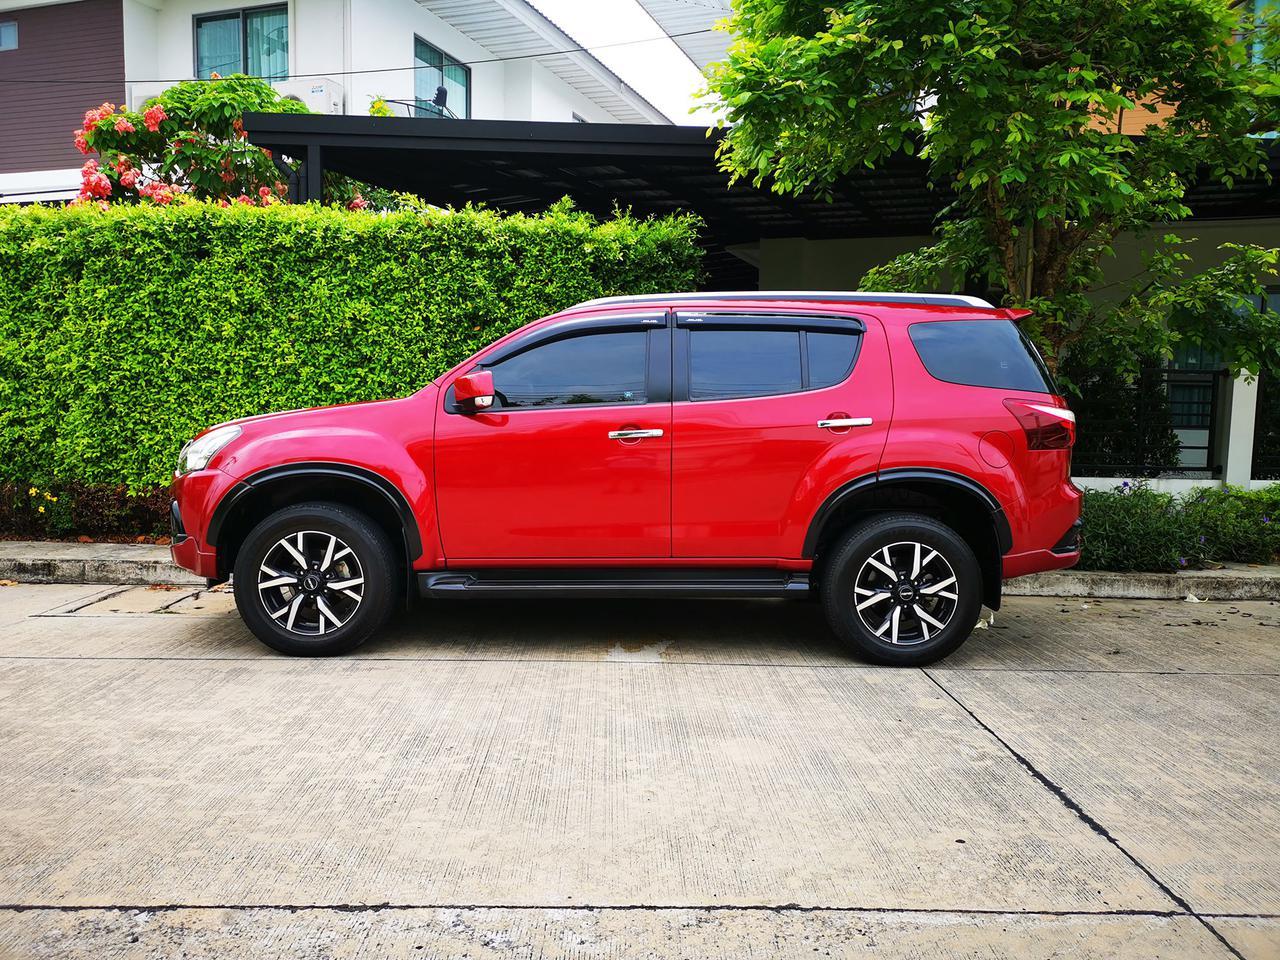 ขาย รถมือสอง Isuzu MU-X 3.0 THE ONYX ปี 2019 รุ่นแต่งพิเศษ สีแดง ภายในสีดำ ไมล์แท้ ราคาถูก รูปที่ 3